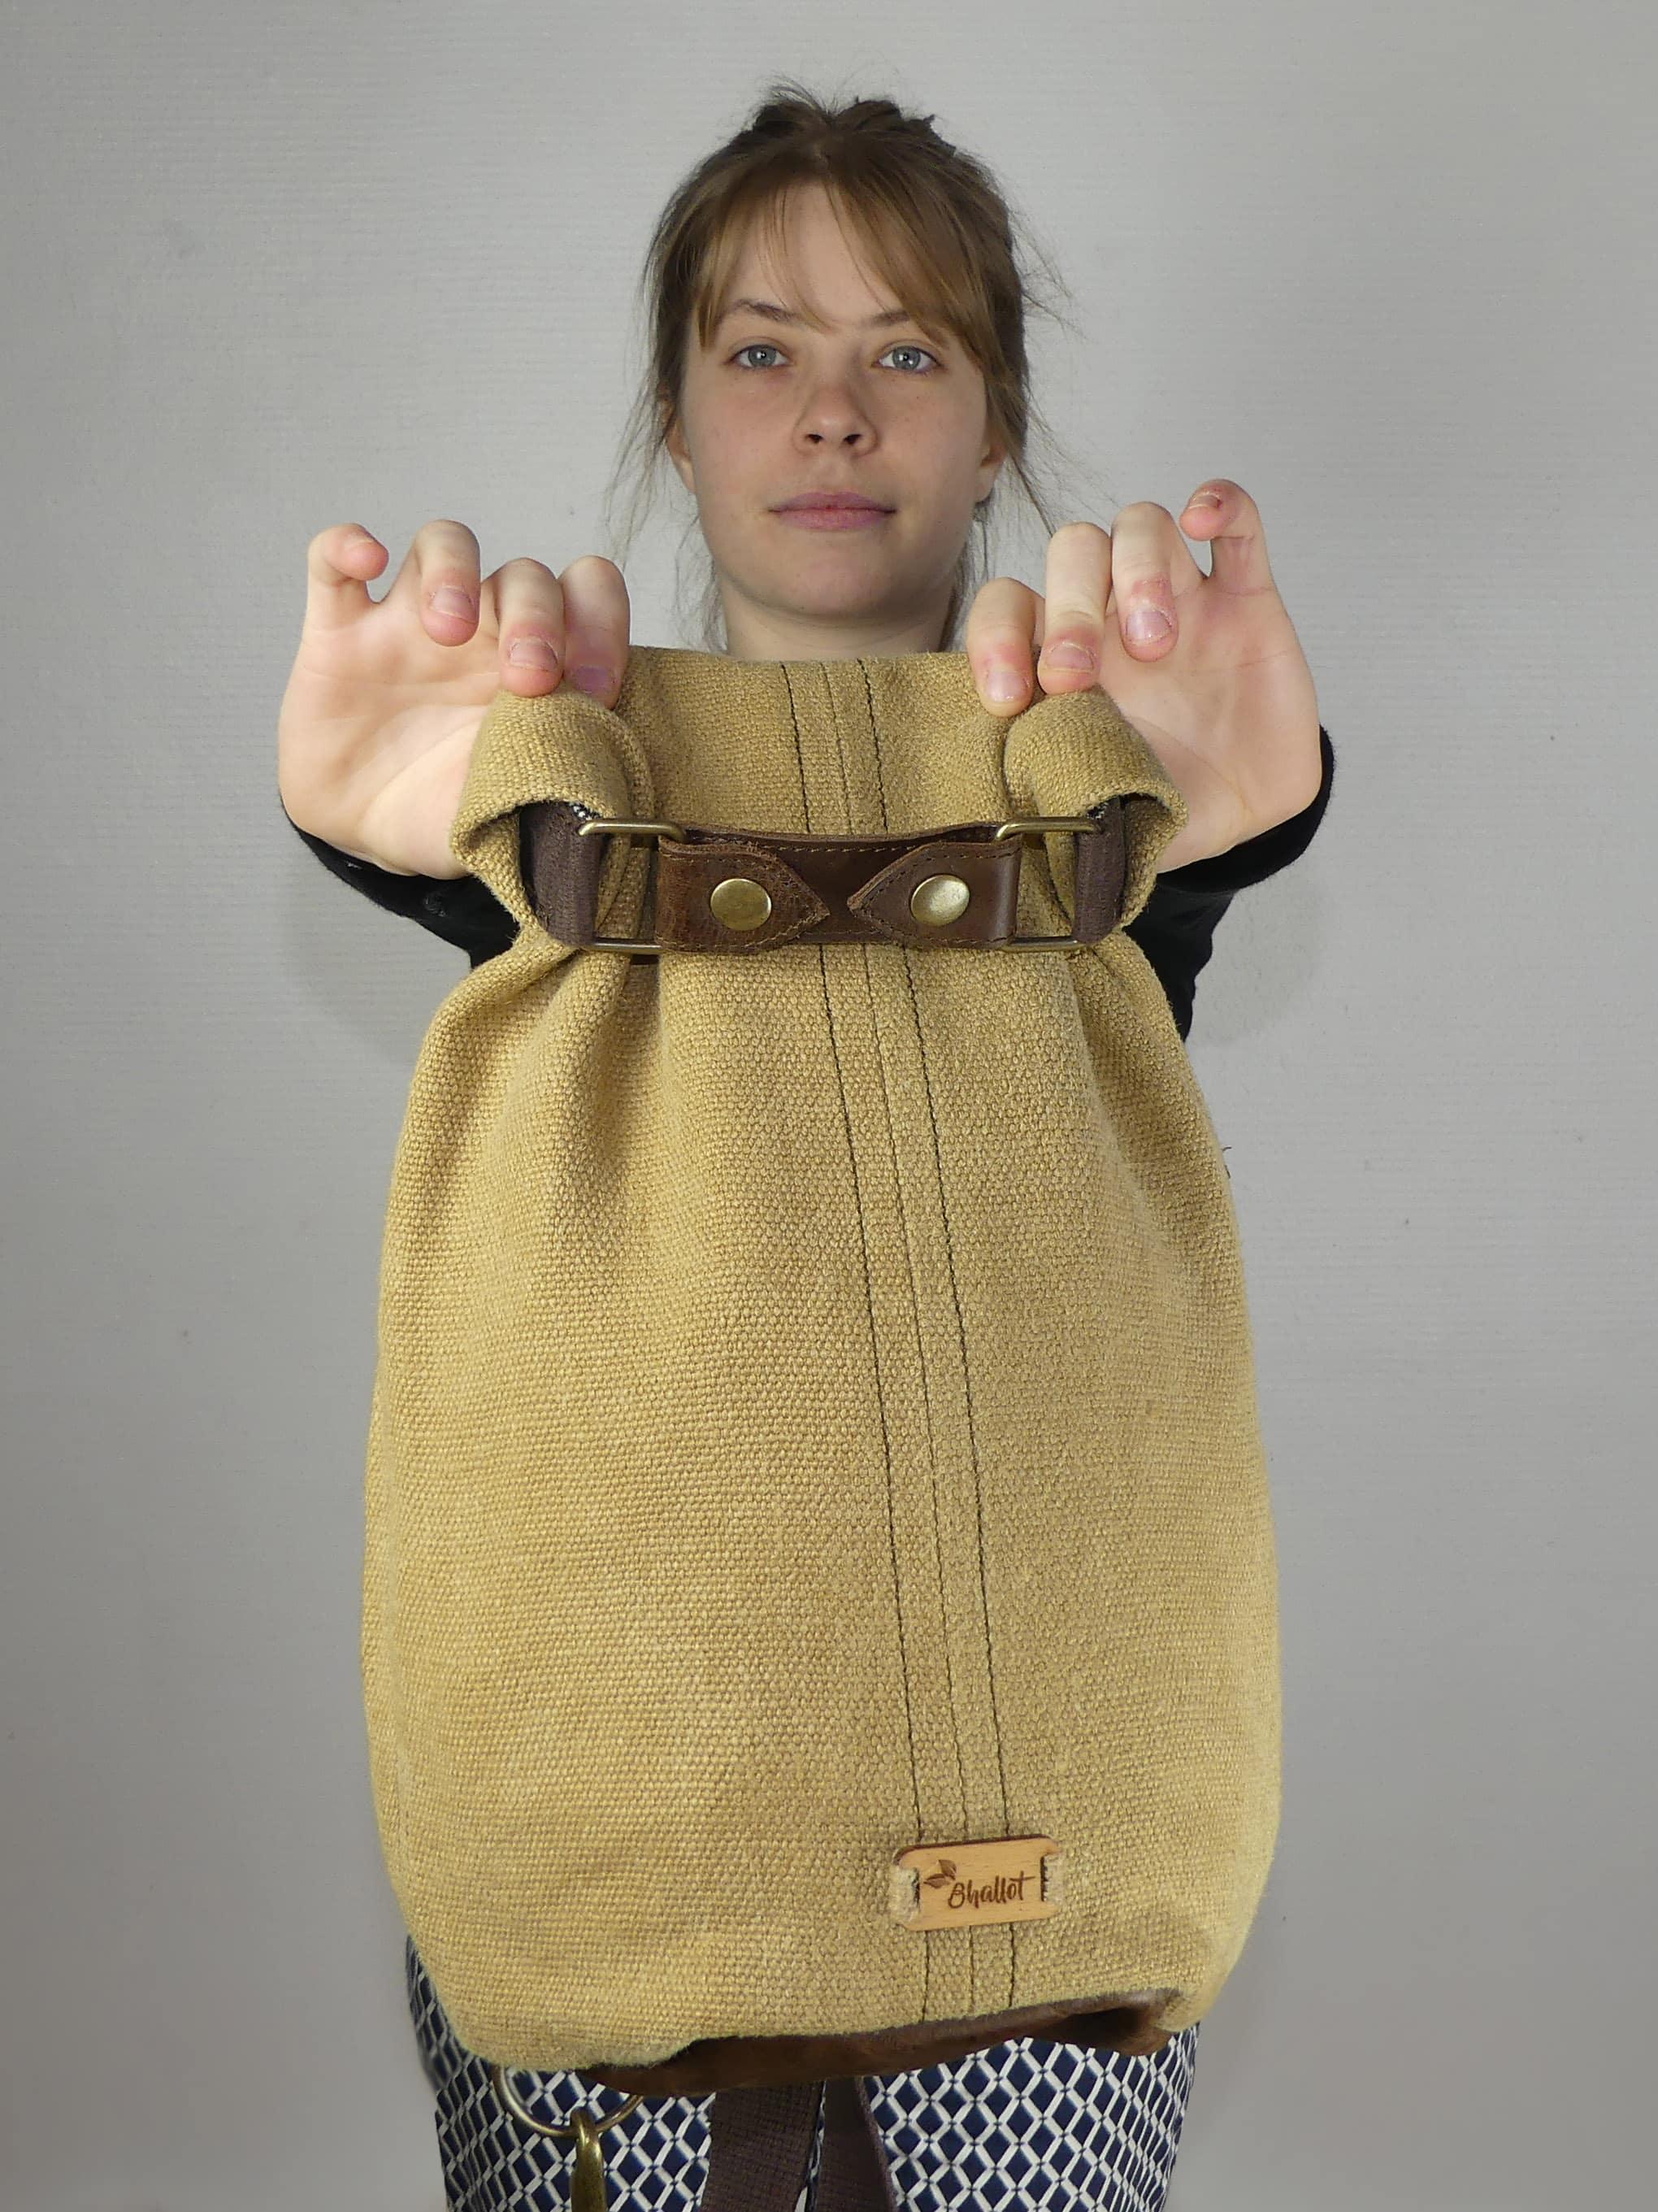 Petit sac à dos bandoulière, balish - le baluchon - Bhallot num 6